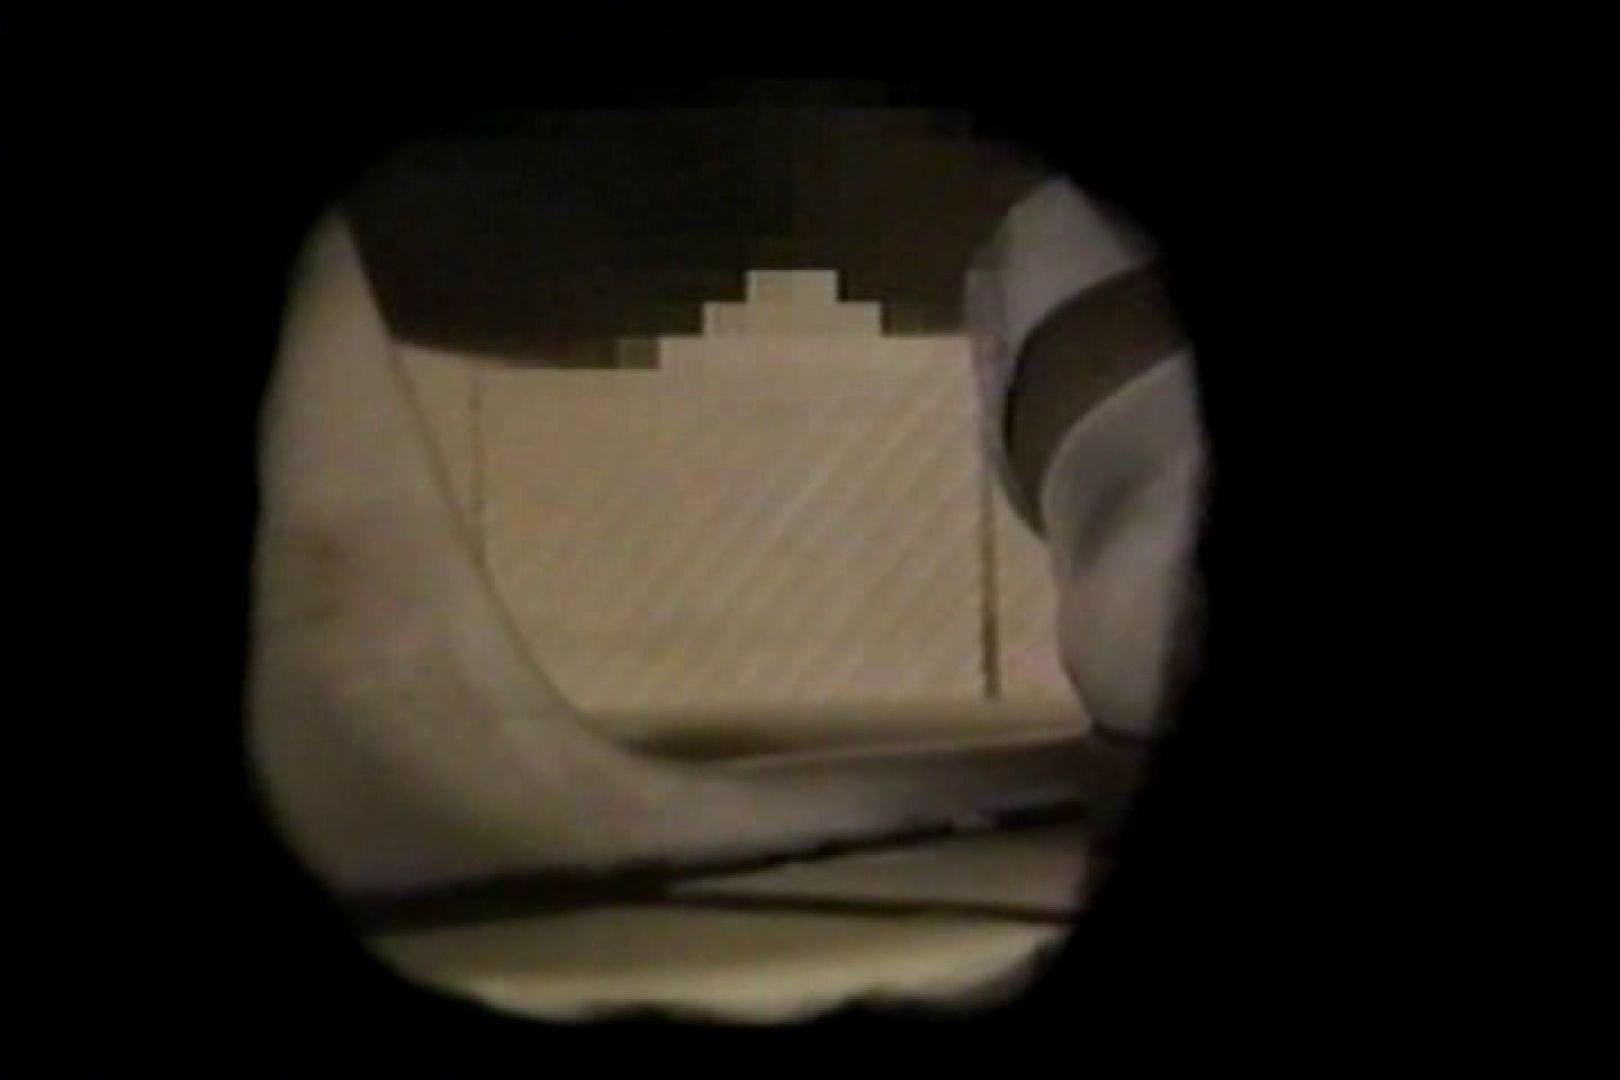 盗撮 女子洗面所3ヶ所入ってしゃがんで音出して プライベート | 和式  67pic 25